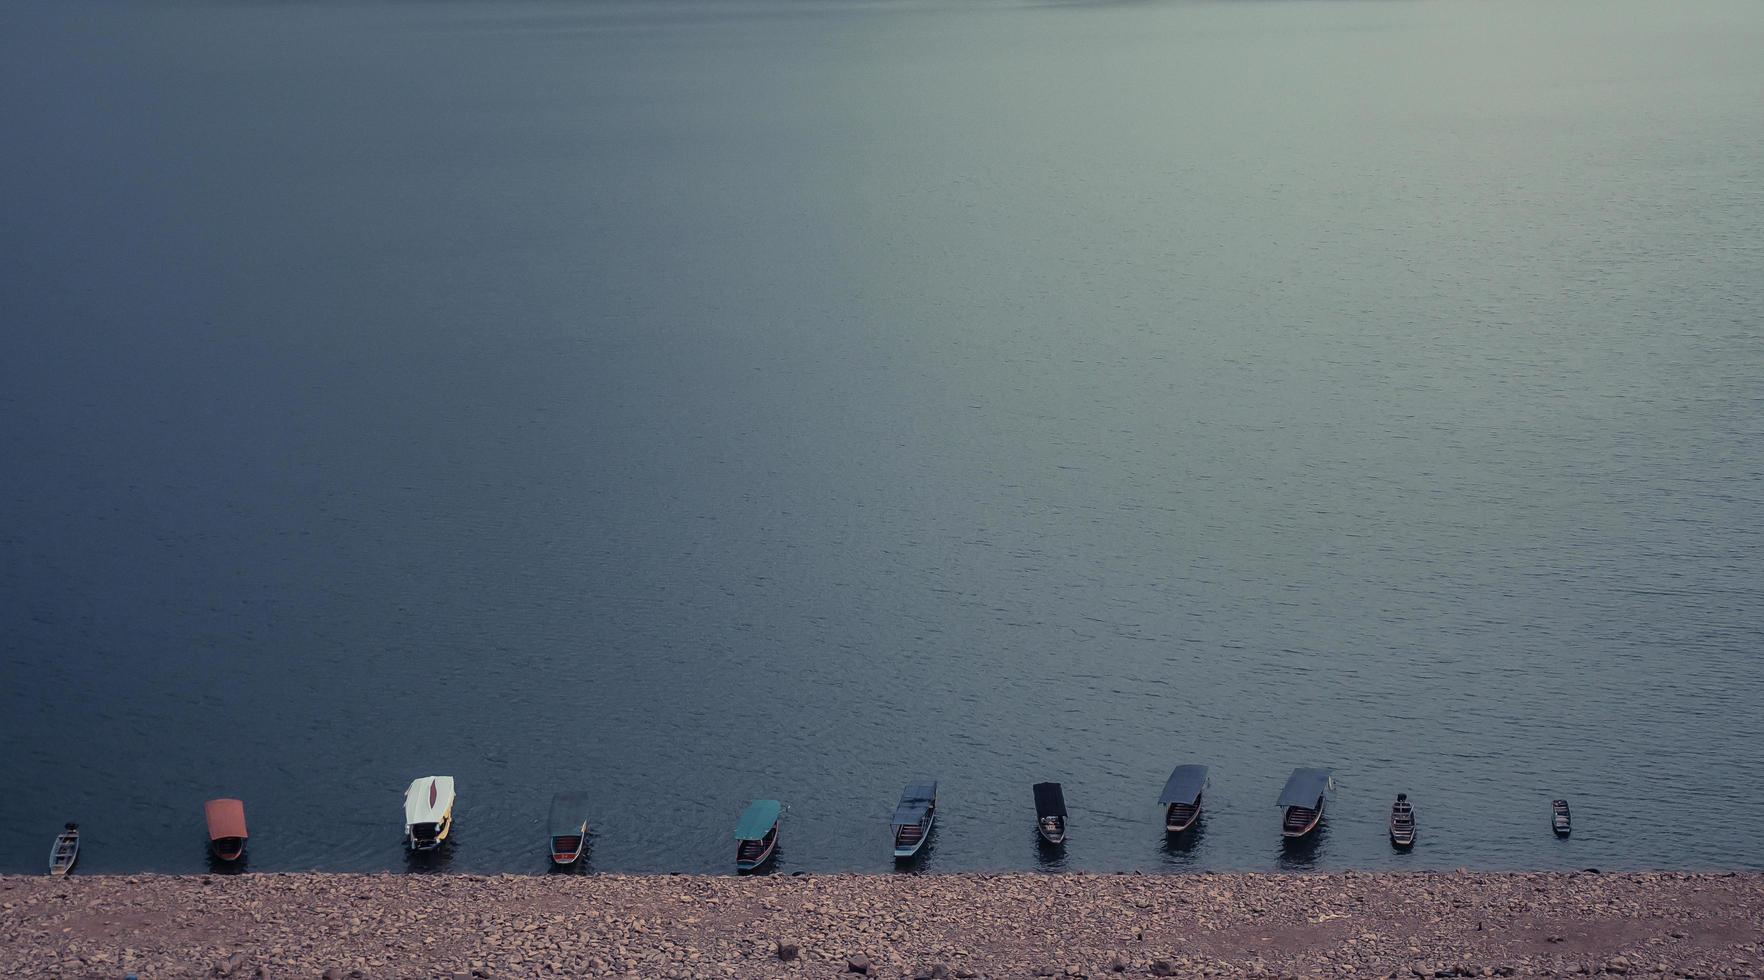 houten boten in het water foto